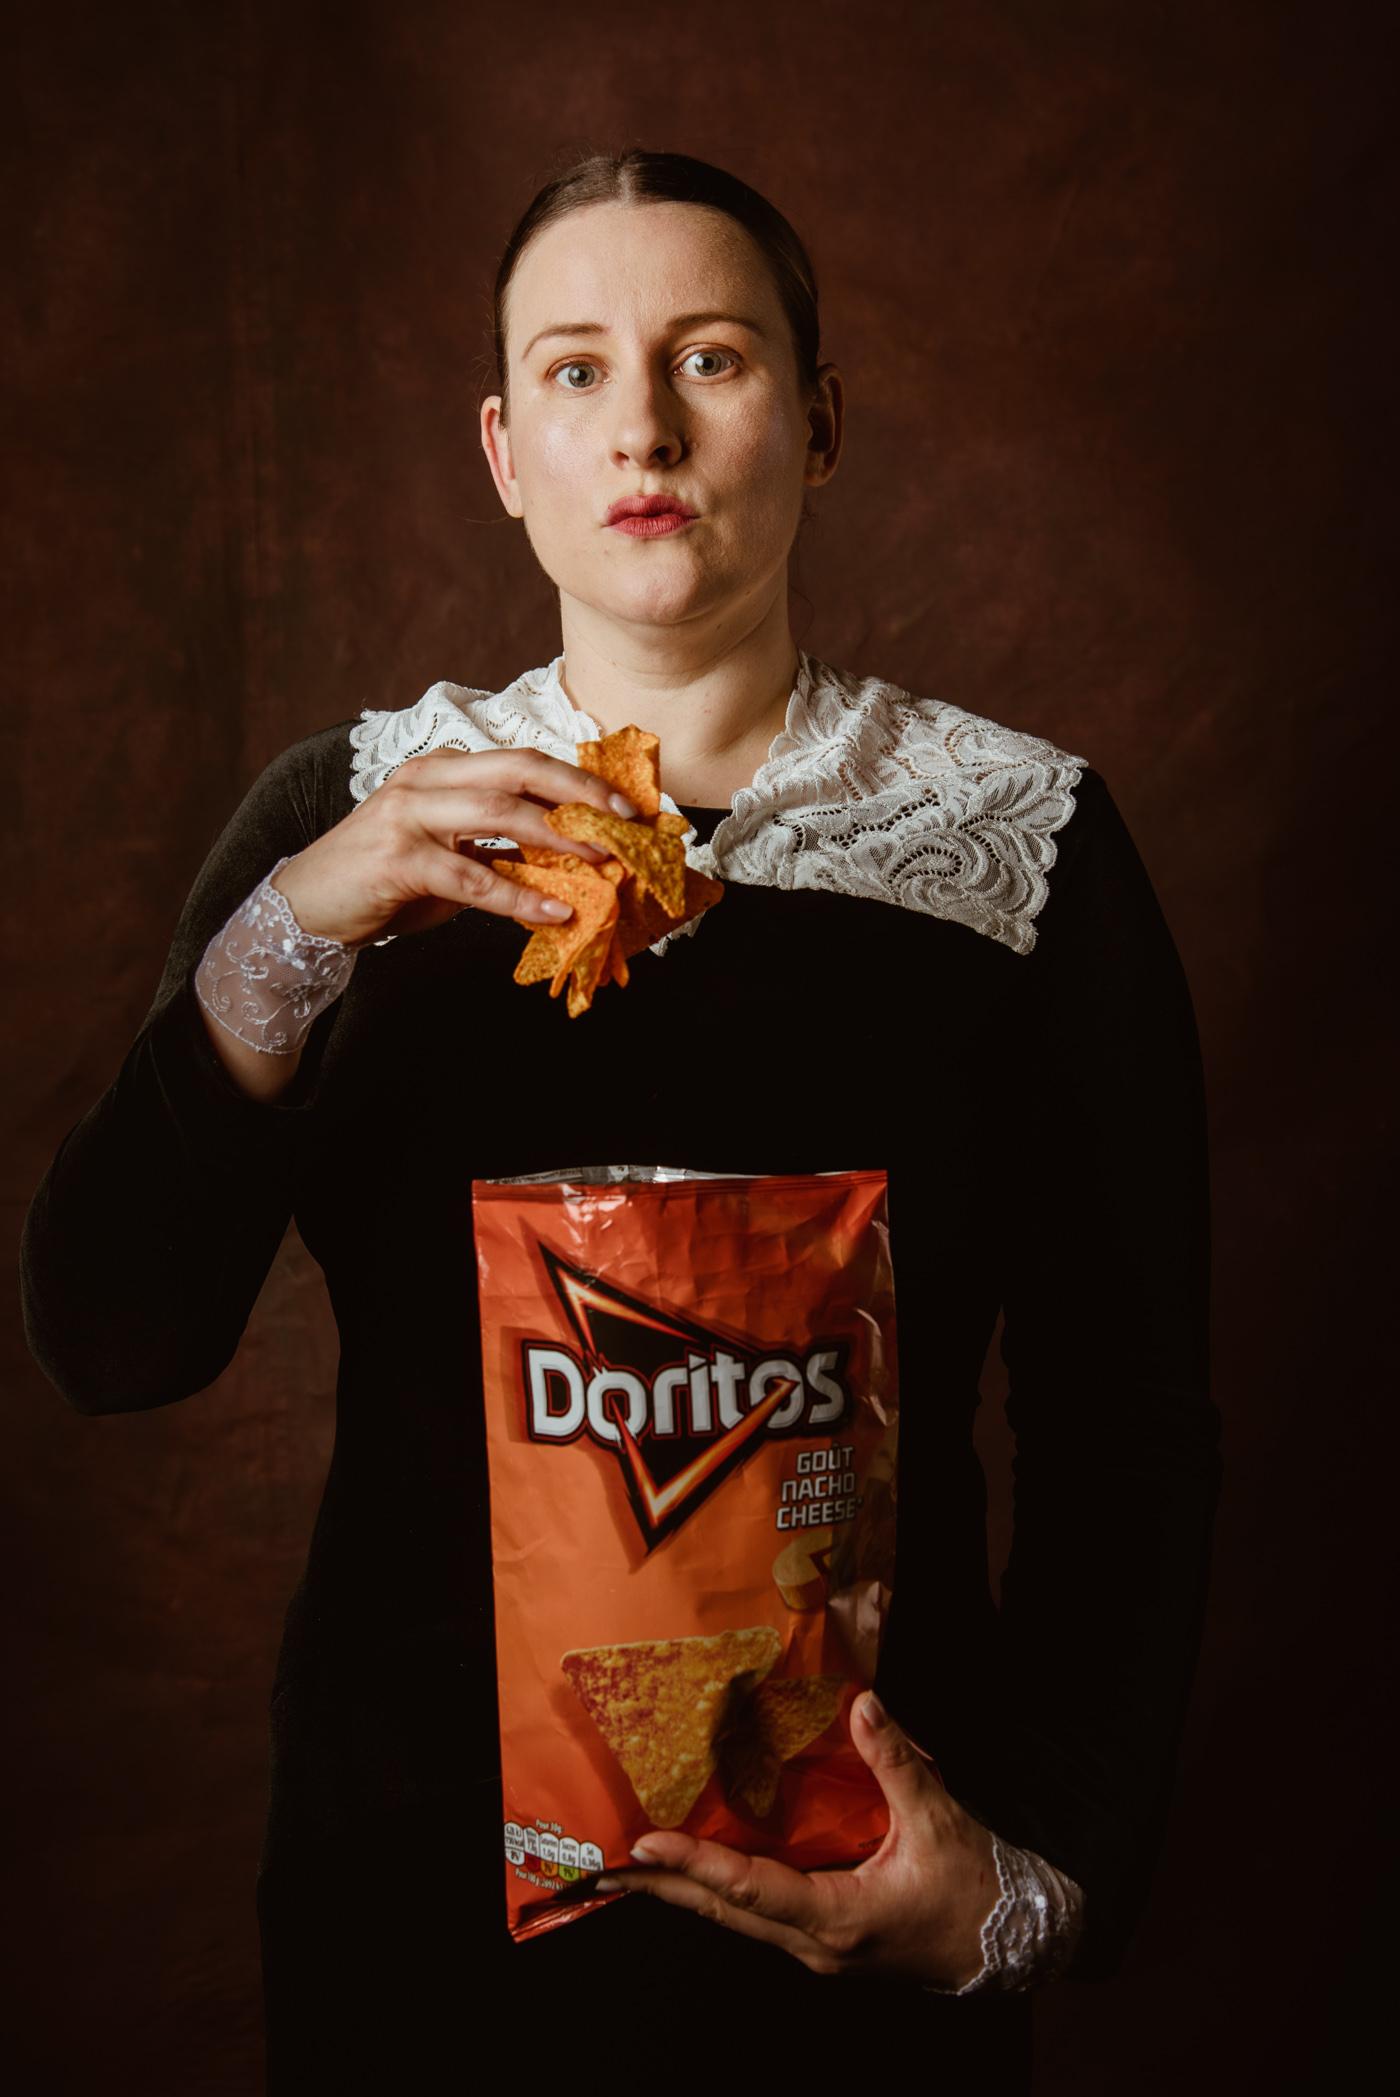 uen femme de style renaissance mange des doritos